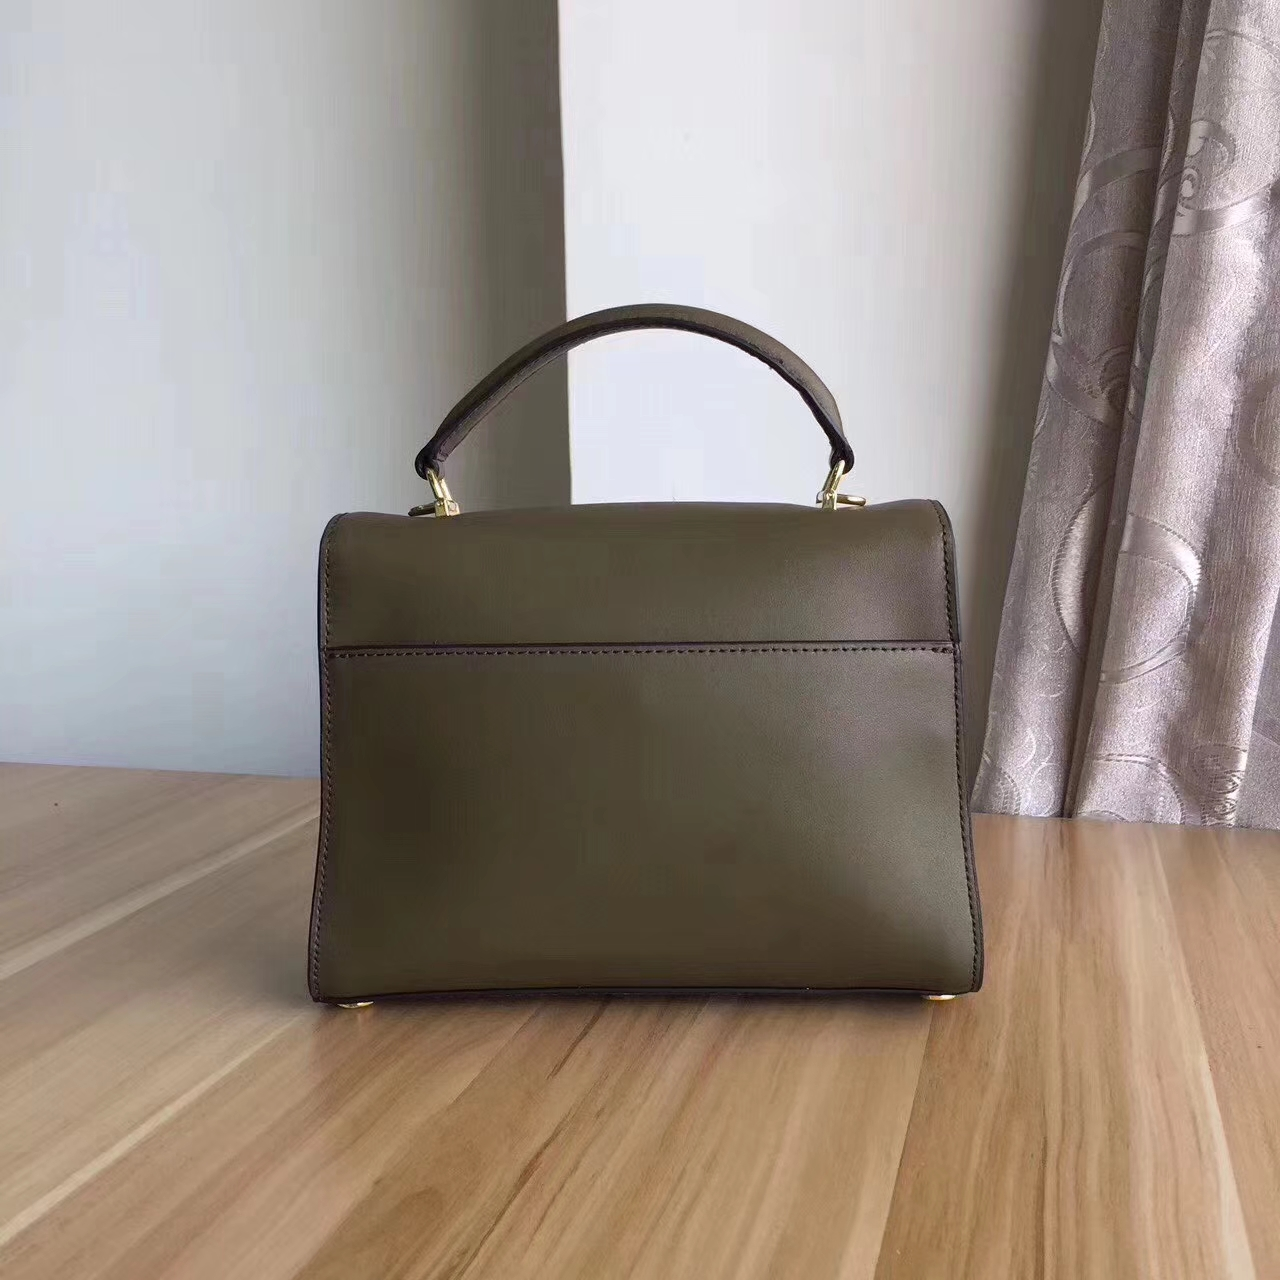 迈克高仕新款包包 MK头层纳帕牛皮手提女包链条单肩包24cm 橄榄绿色